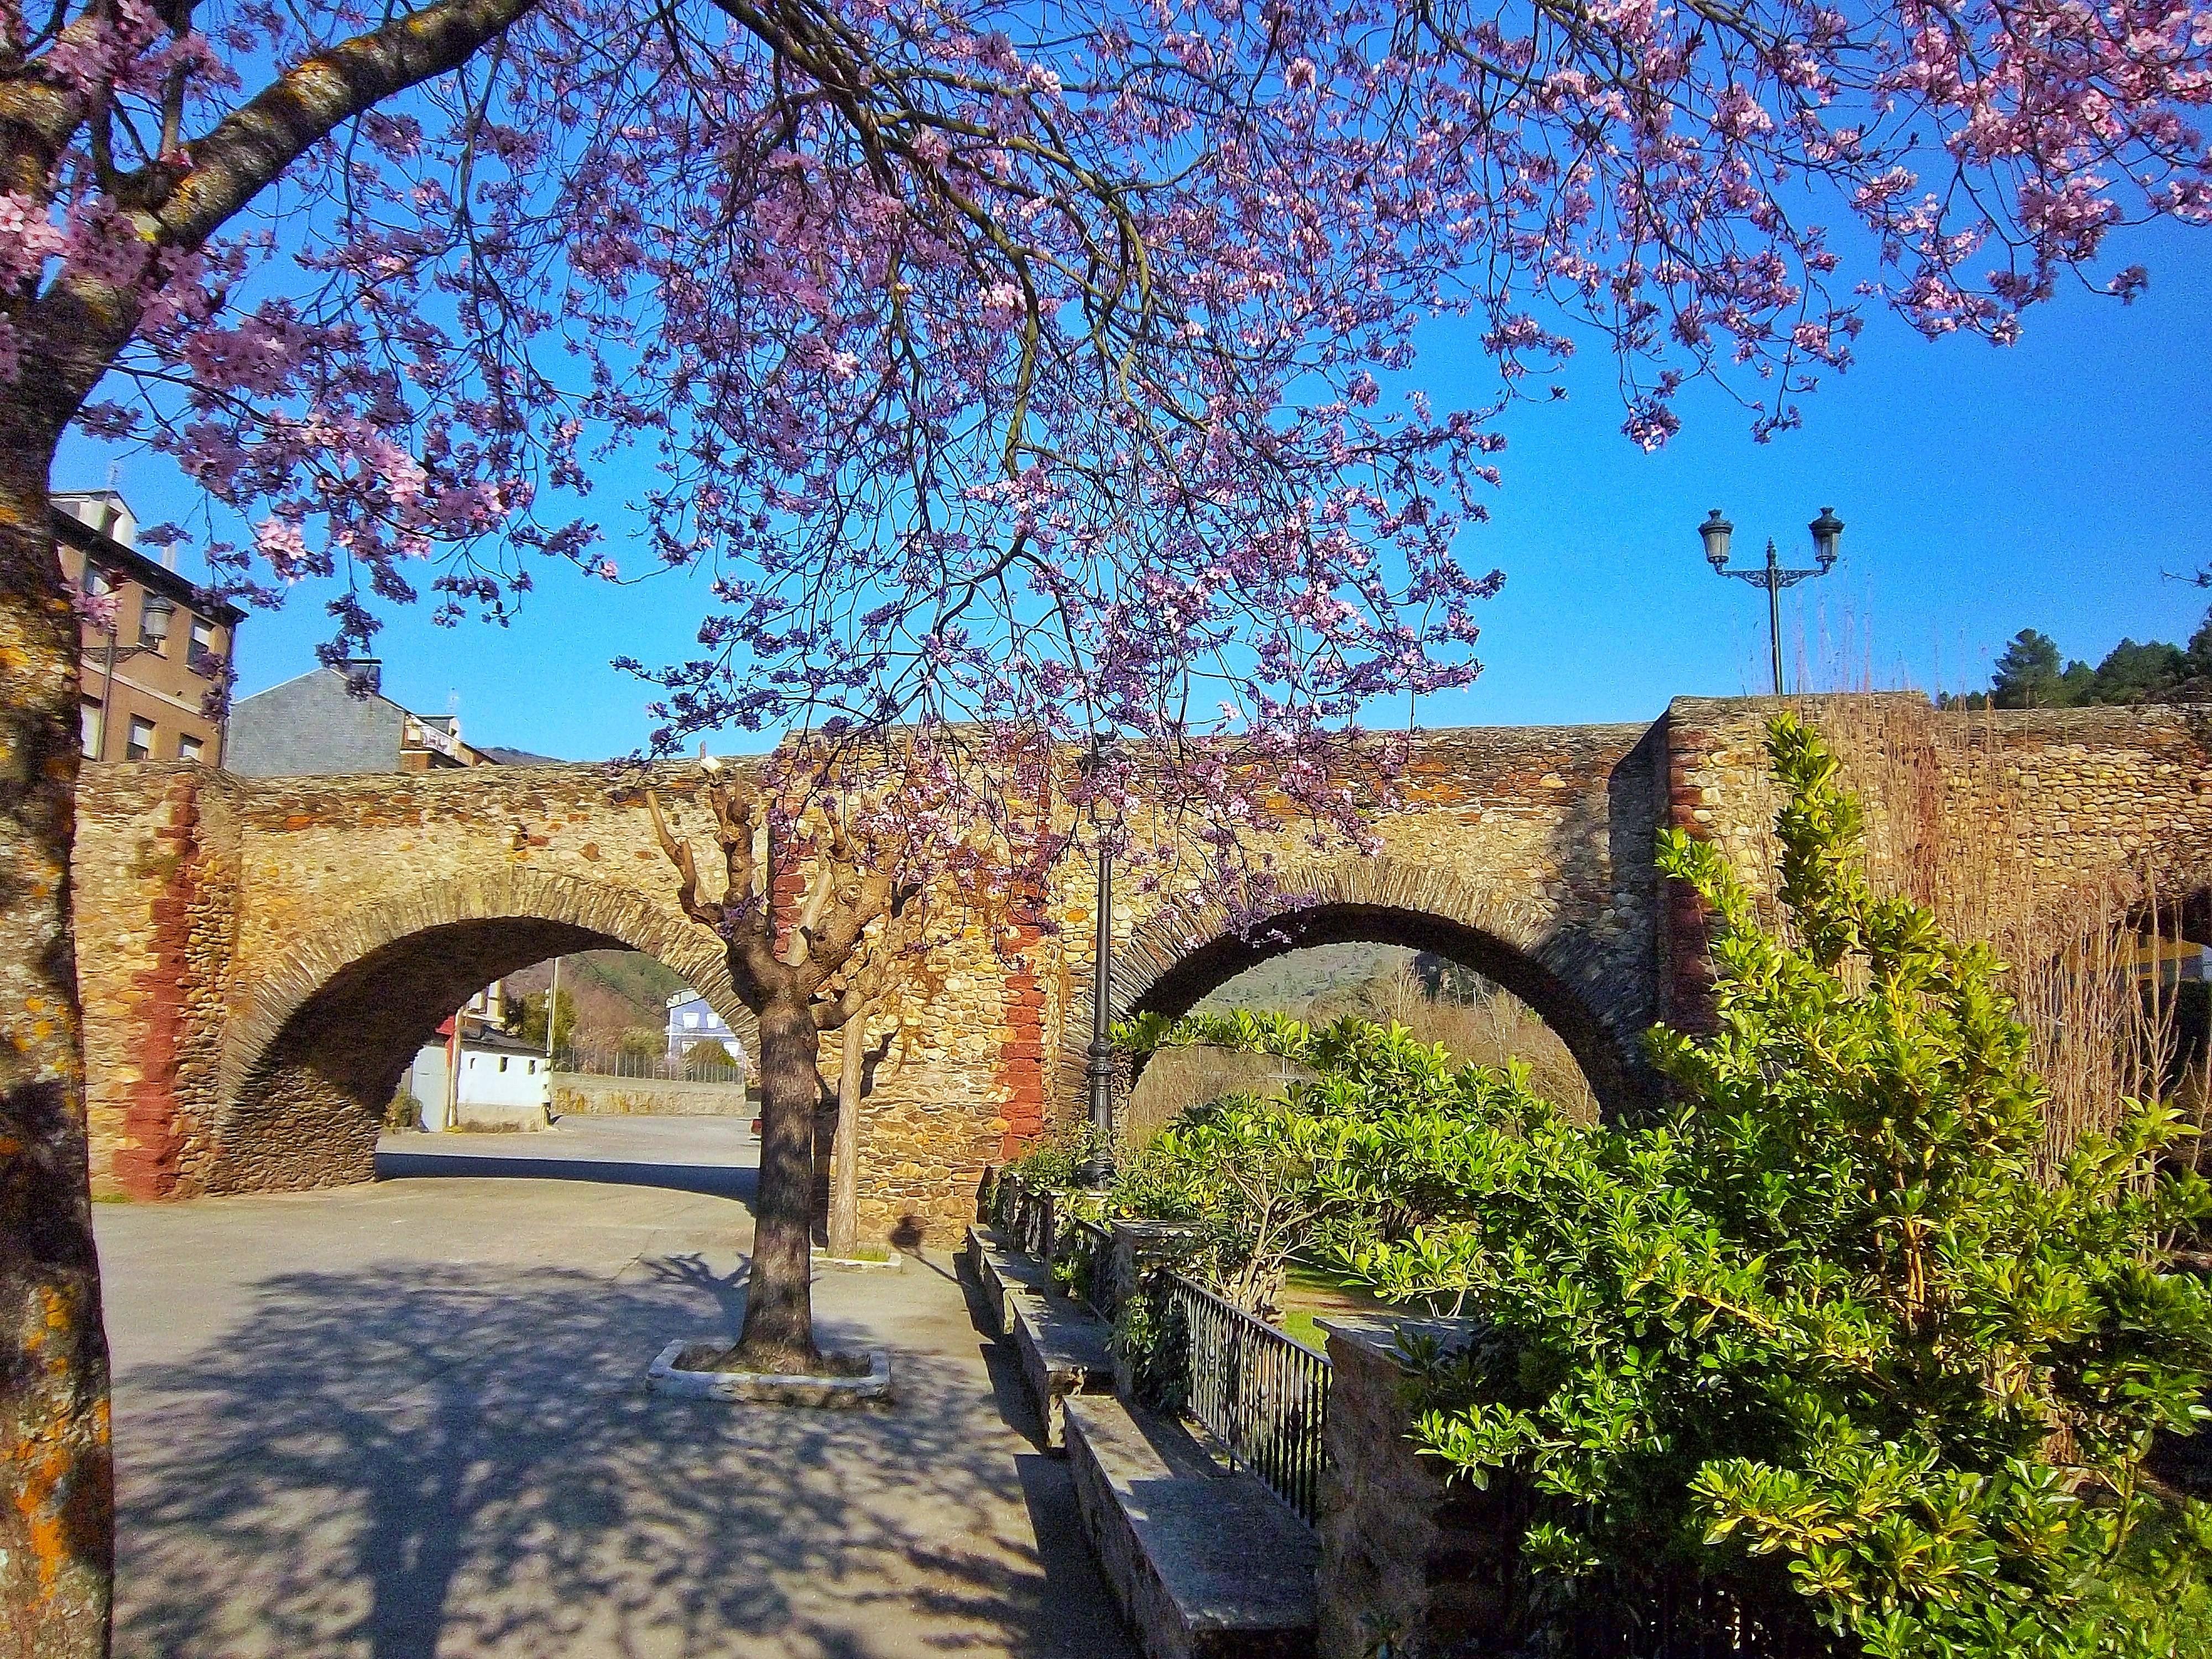 3º Premio. Primavera e ponte medieval sobre el río Sil en Sobradelo (Carballeda de Valdeorras)